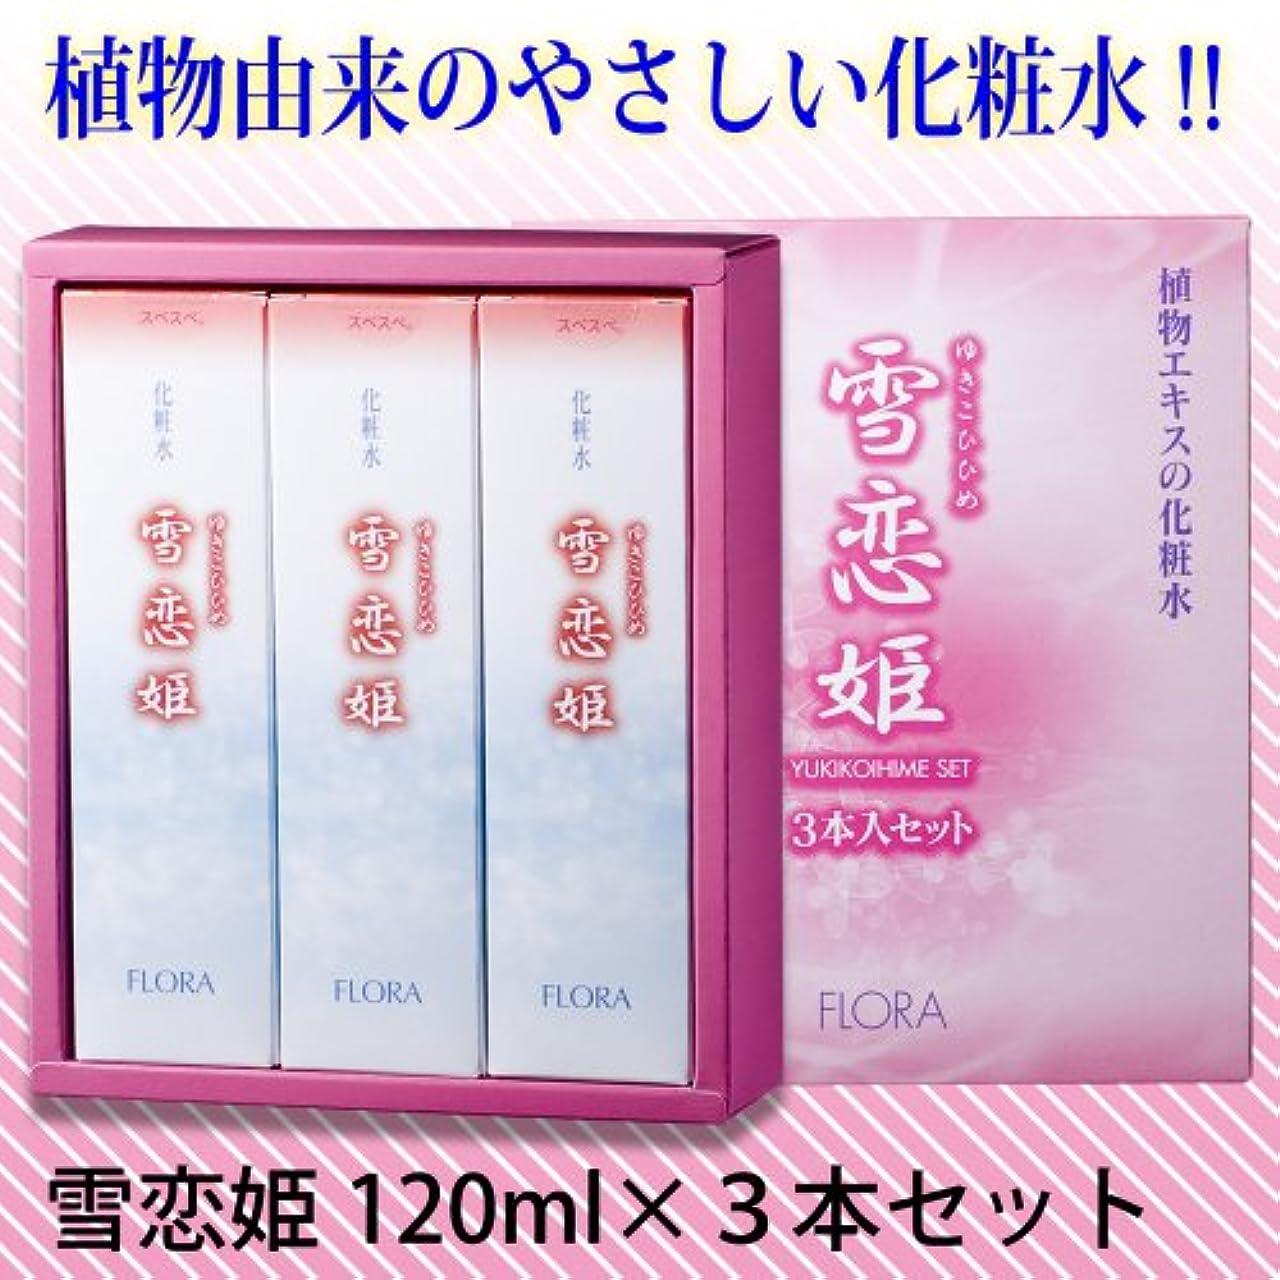 森林私にぎやか雪恋姫 化粧水 120ml×3本セット